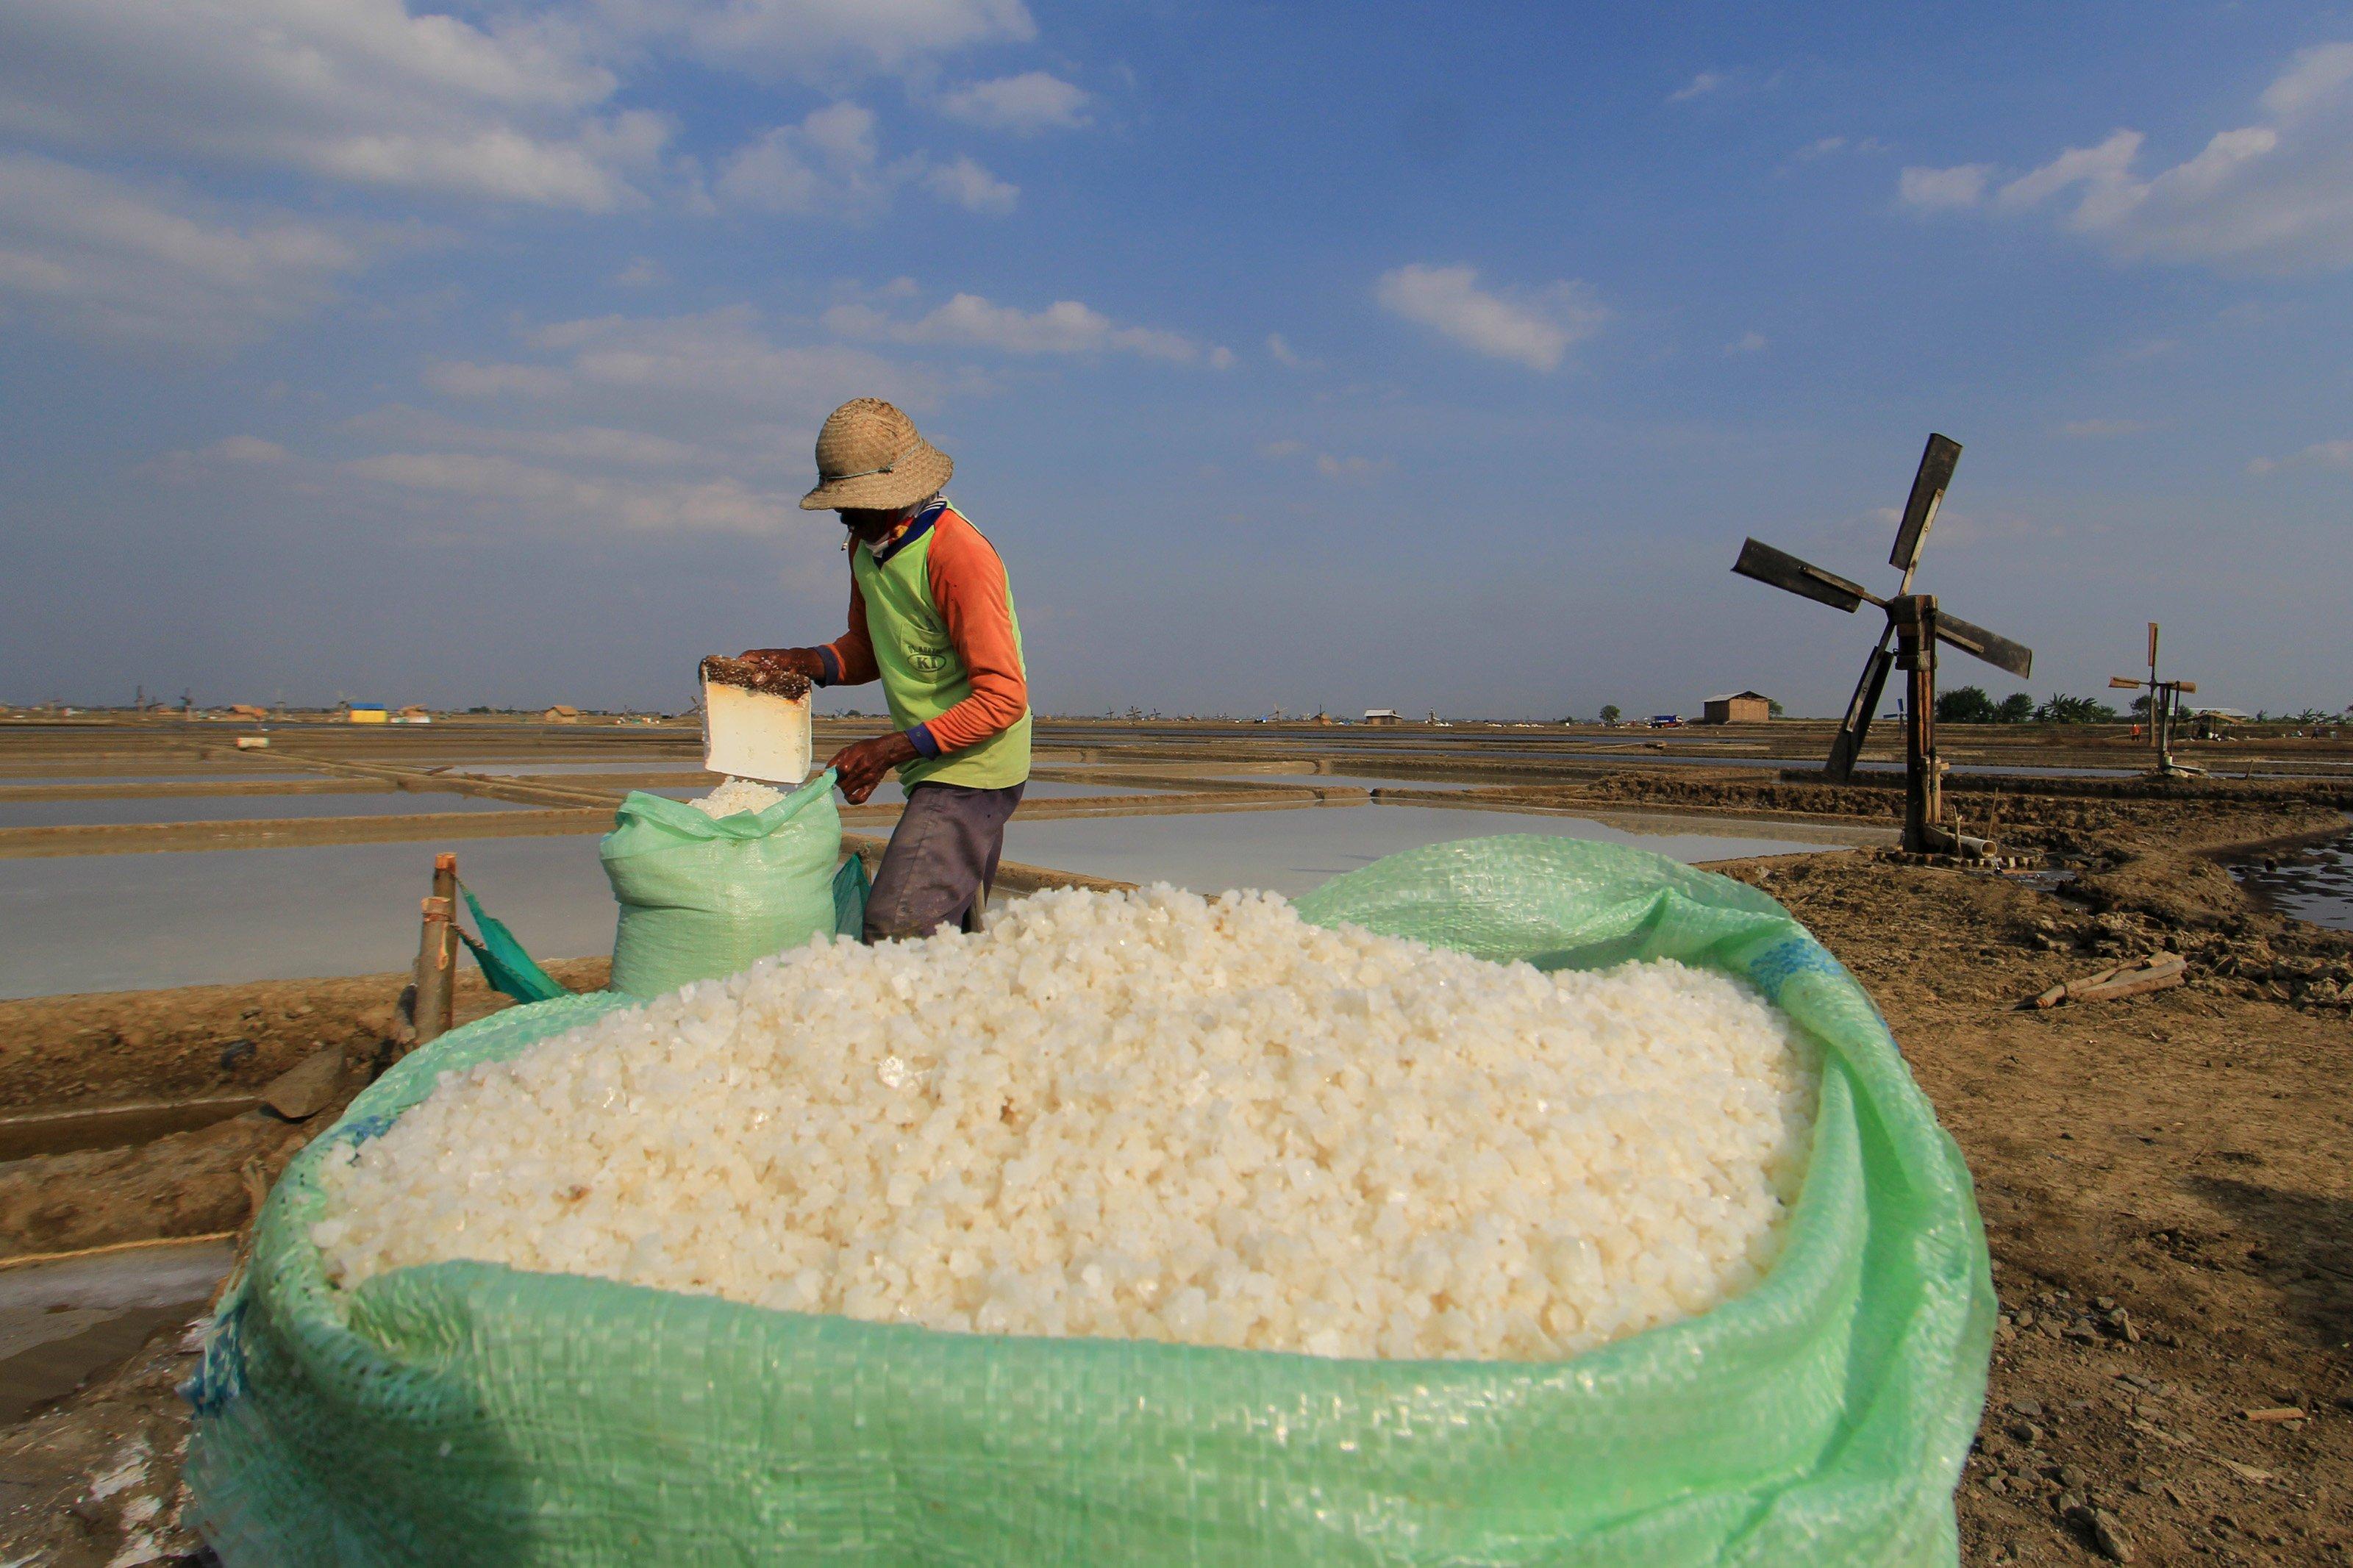 Di tingkat petani harga garam berada pada kisaran Rp3000 per kilogram untuk kualitas standar, sementara untuk kualitas super Rp4000 per kilogram, harga yang fantastis untuk sekilogram garam, padahal di tahun sebelumnya hanya Rp300 per kilogram.